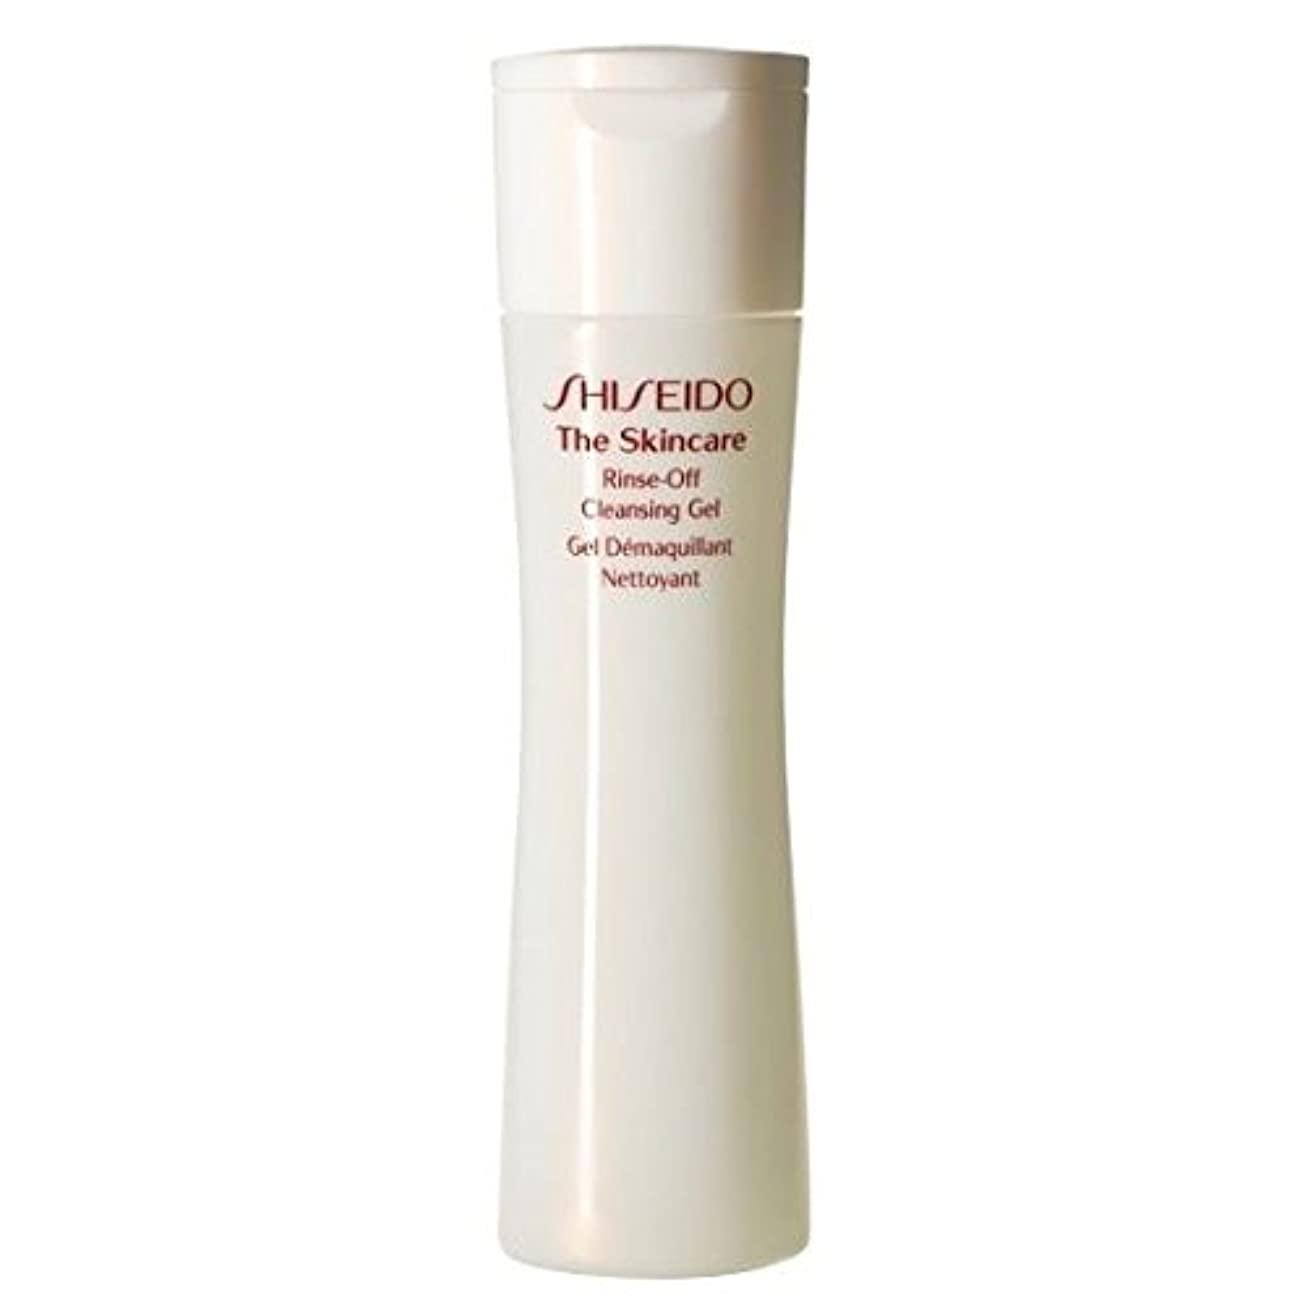 音楽家釈義外部[Shiseido] スキンケアリンスオフクレンジングジェル、200ミリリットルを資生堂 - Shiseido The Skincare Rinse-Off Cleansing Gel, 200ml [並行輸入品]